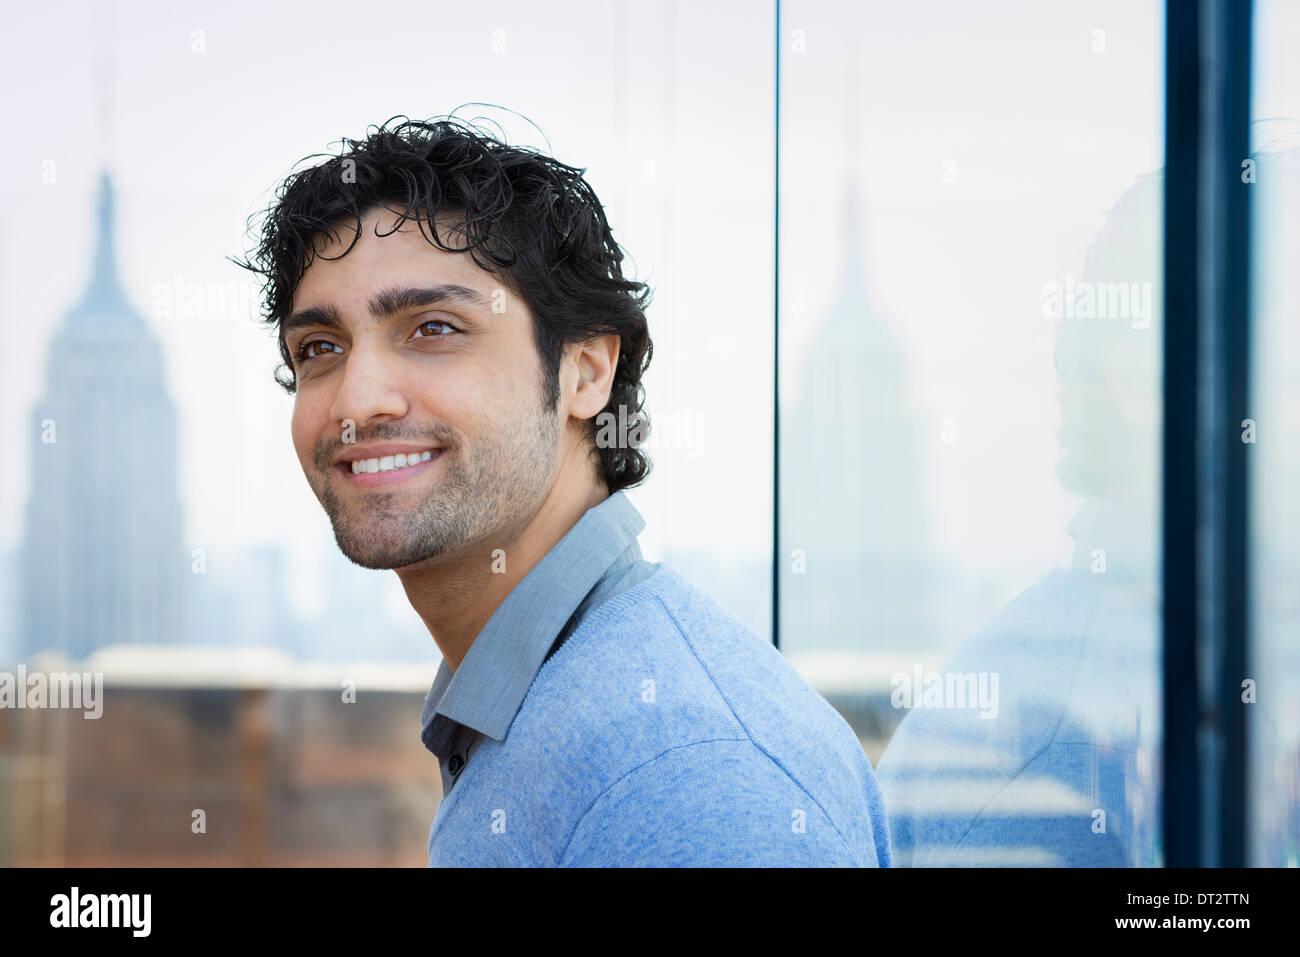 Uno stile di vita urbano un giovane uomo nero con i capelli ricci che indossa una maglietta blu nella hall di un edificio Immagini Stock